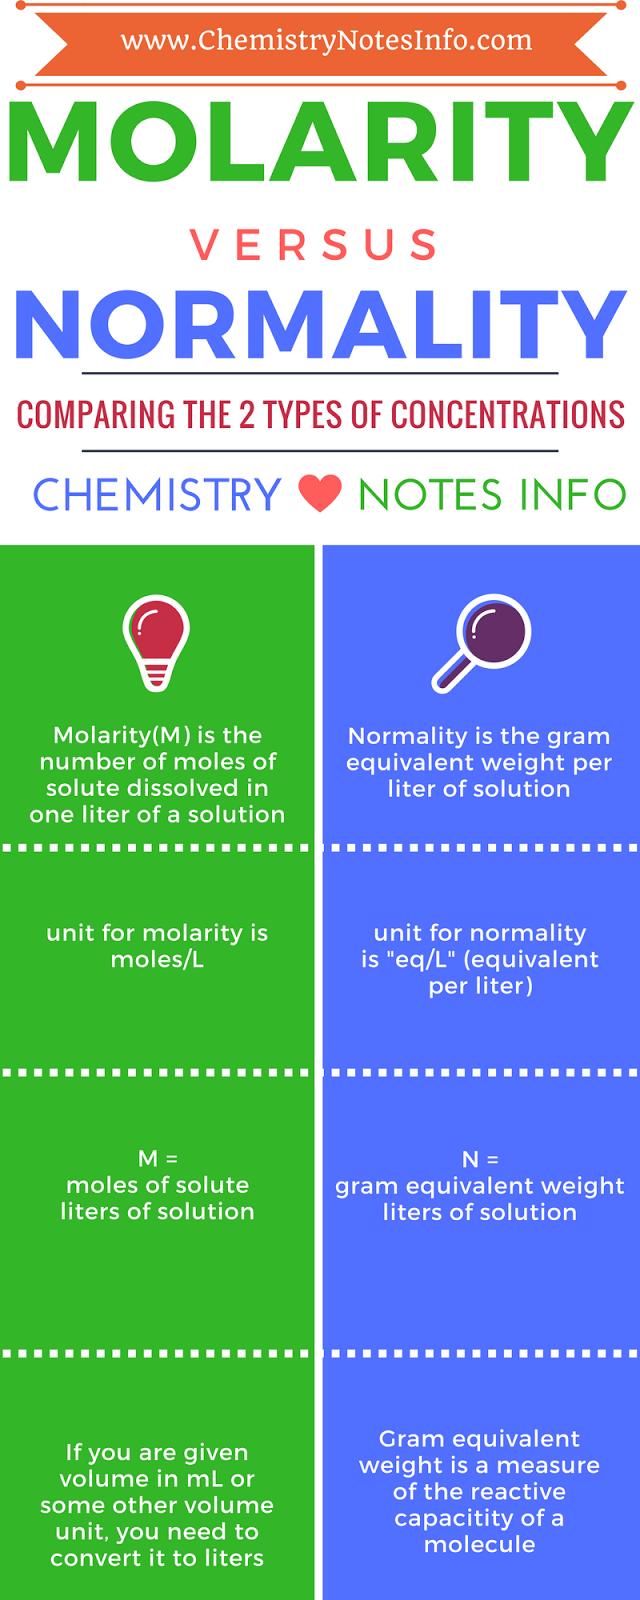 Molarity vs Normality